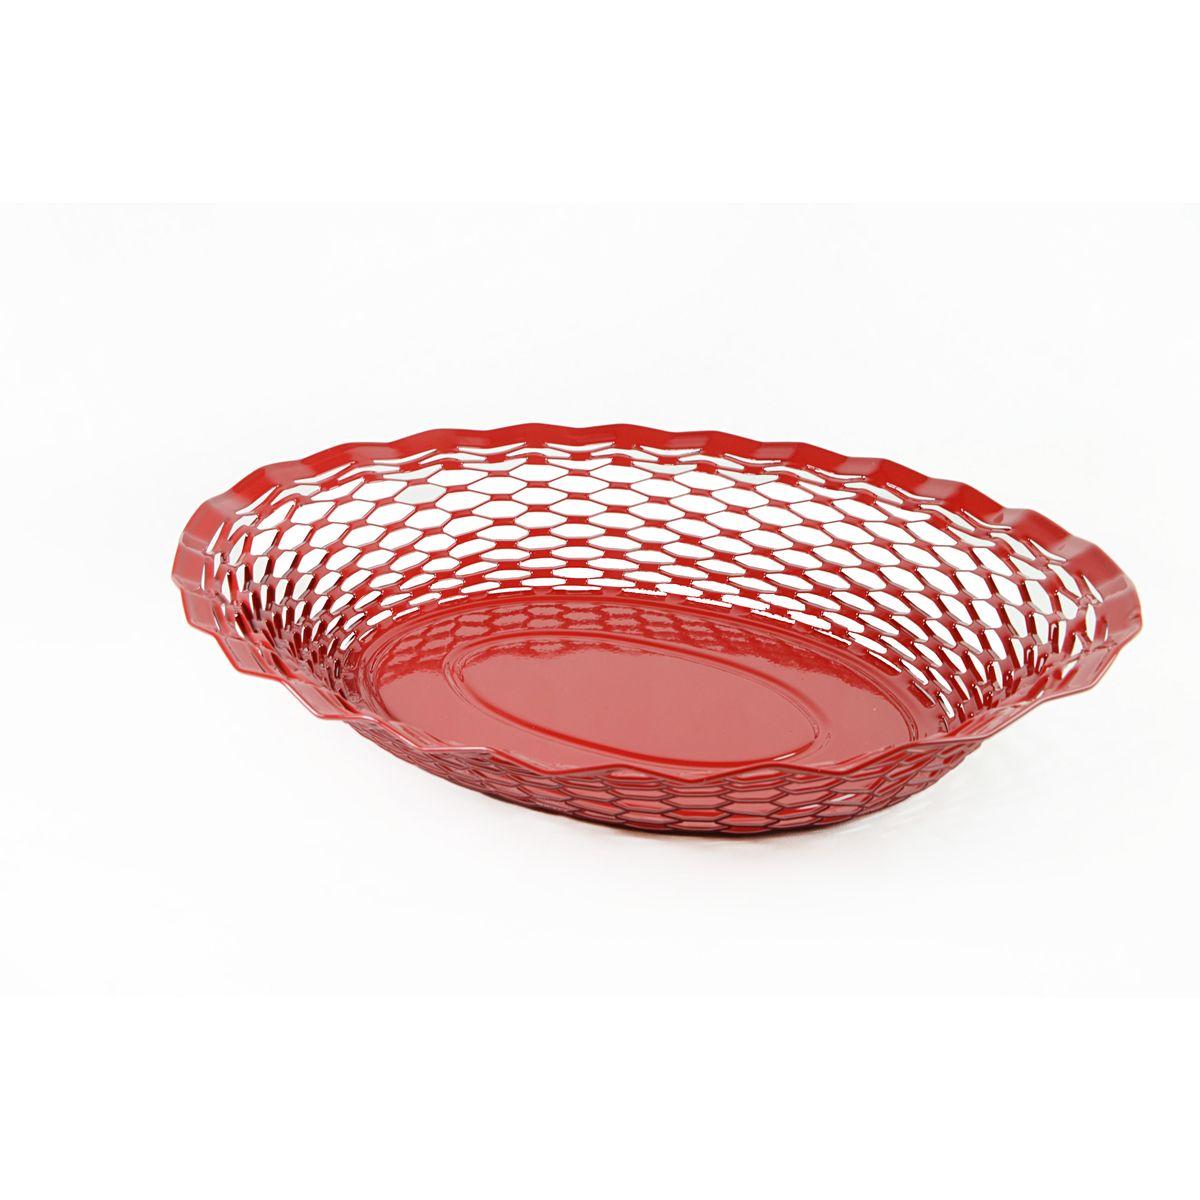 Corbeille à pain en inox rouge 24 x 18 cm - Roger Orfevre